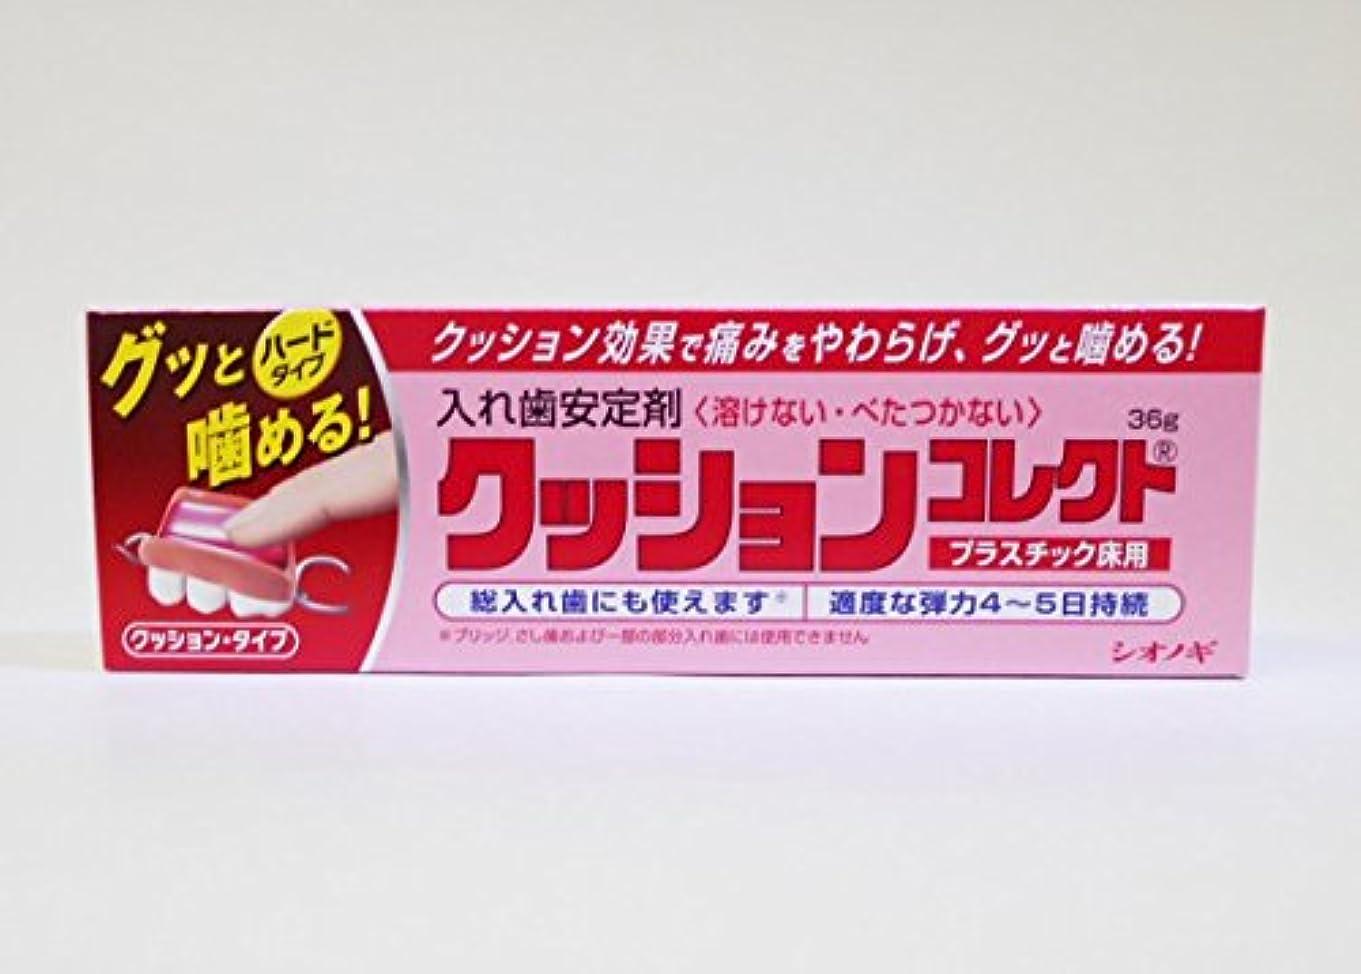 全部隠反対した【シオノギ製薬】クッションコレクト 36g ×5個セット